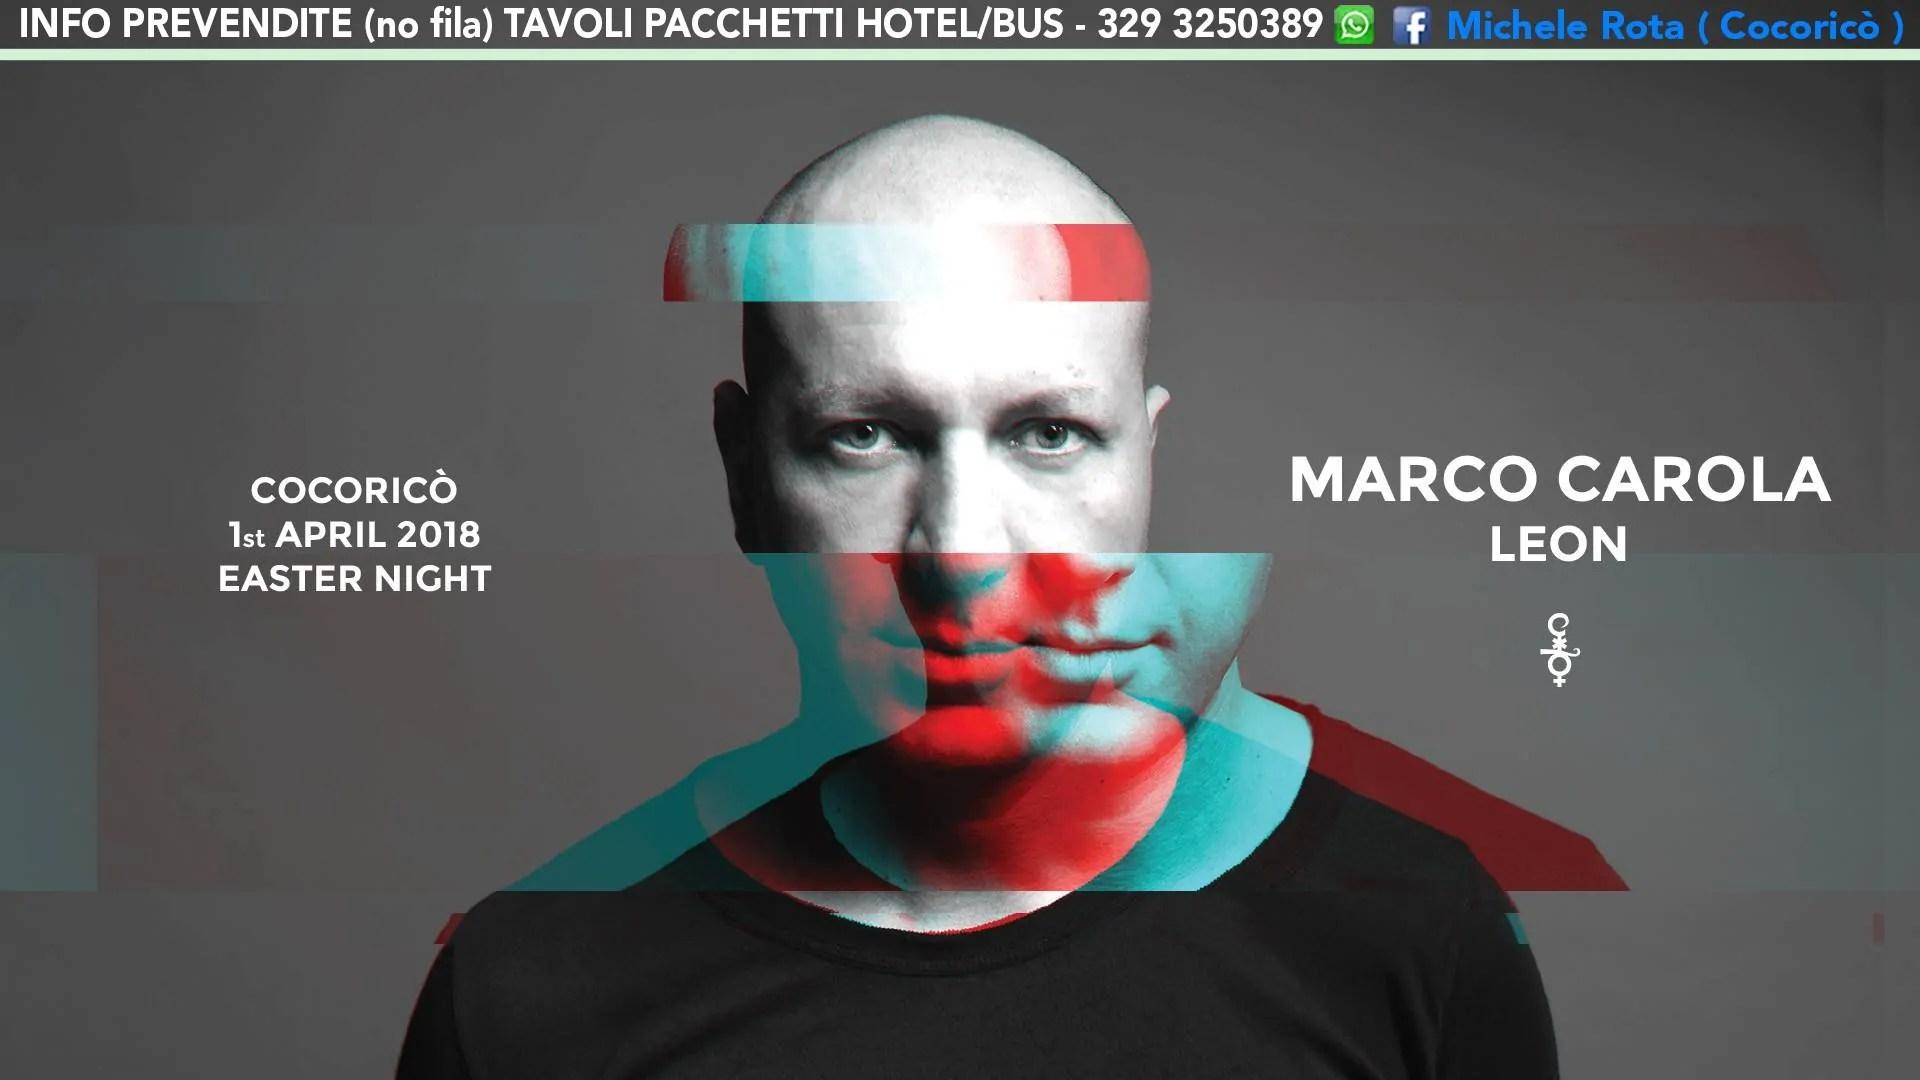 MARCO CAROLA PASQUA 2018 AL COCORICO RICCIONE 01 04 2018   TICKET TAVOLI PACCHETTI HOTEL